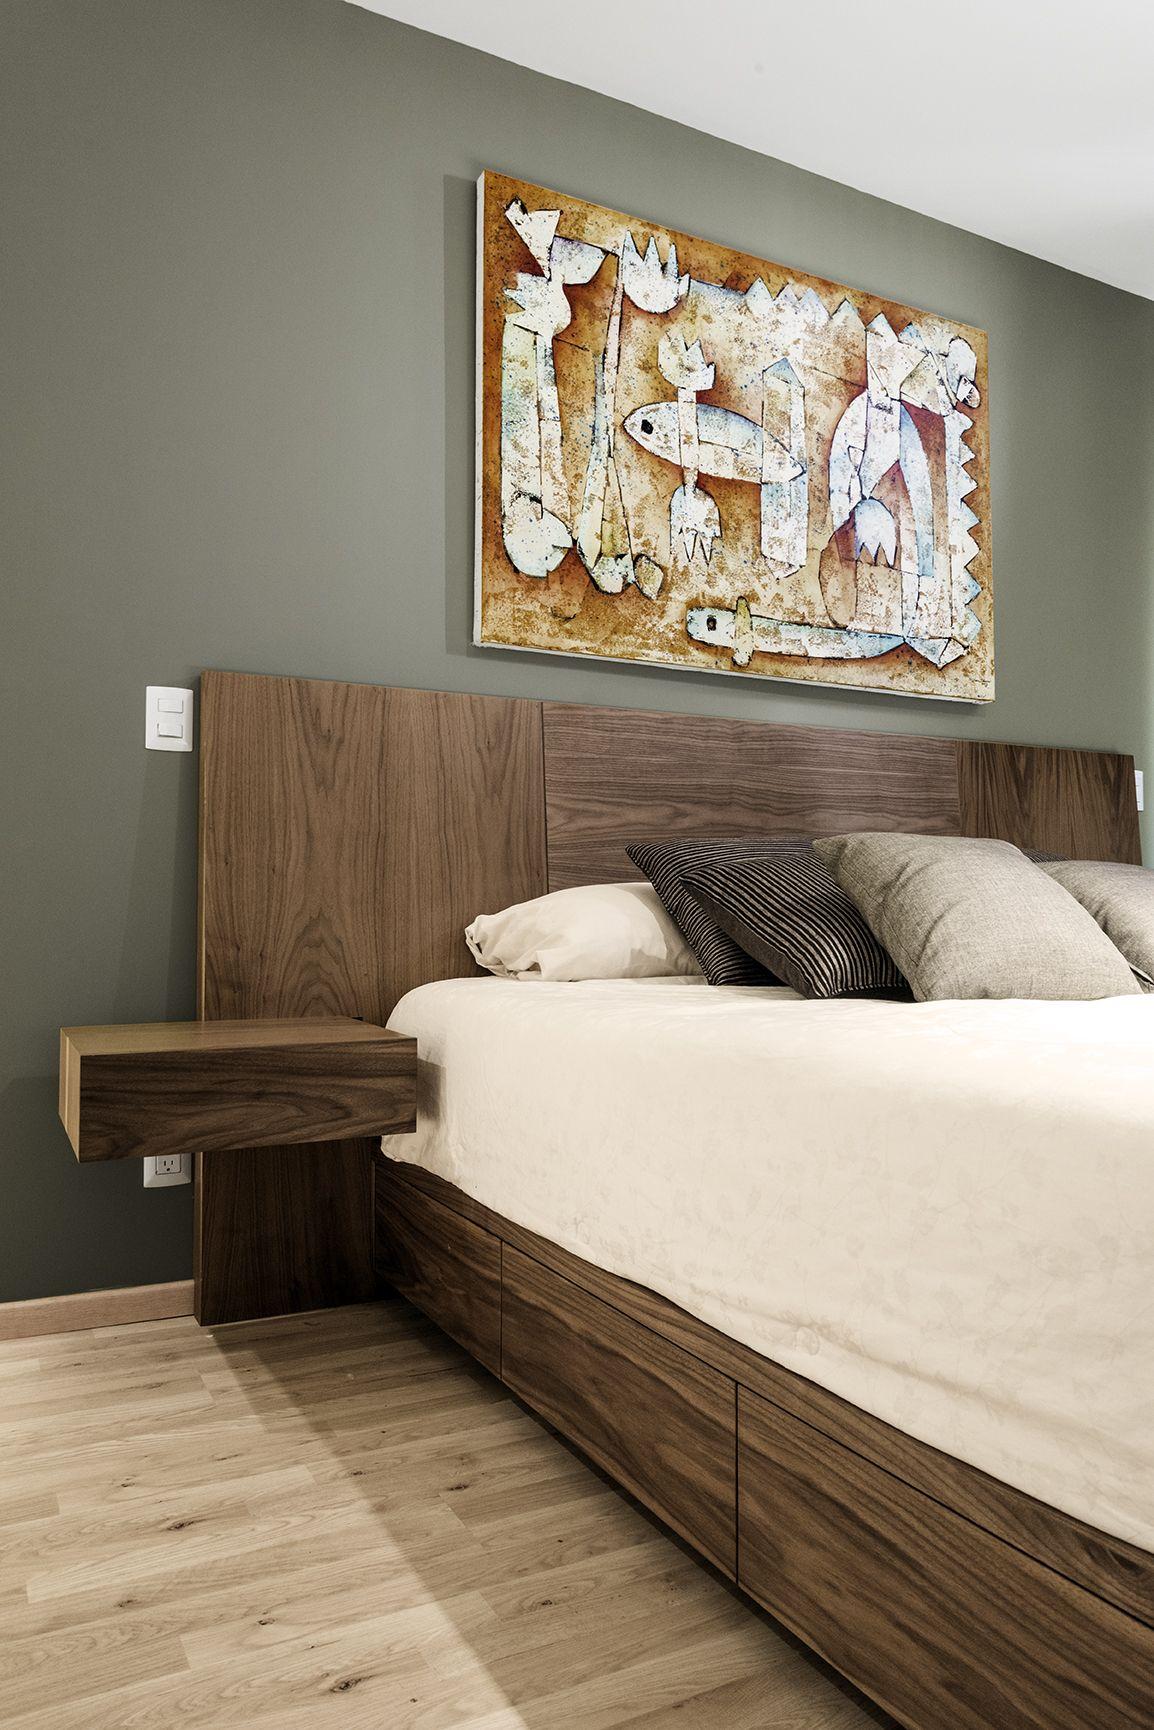 Rec mara king con cajones en base de cama cuadro de juan for Diseno de muebles con cajones de verduras